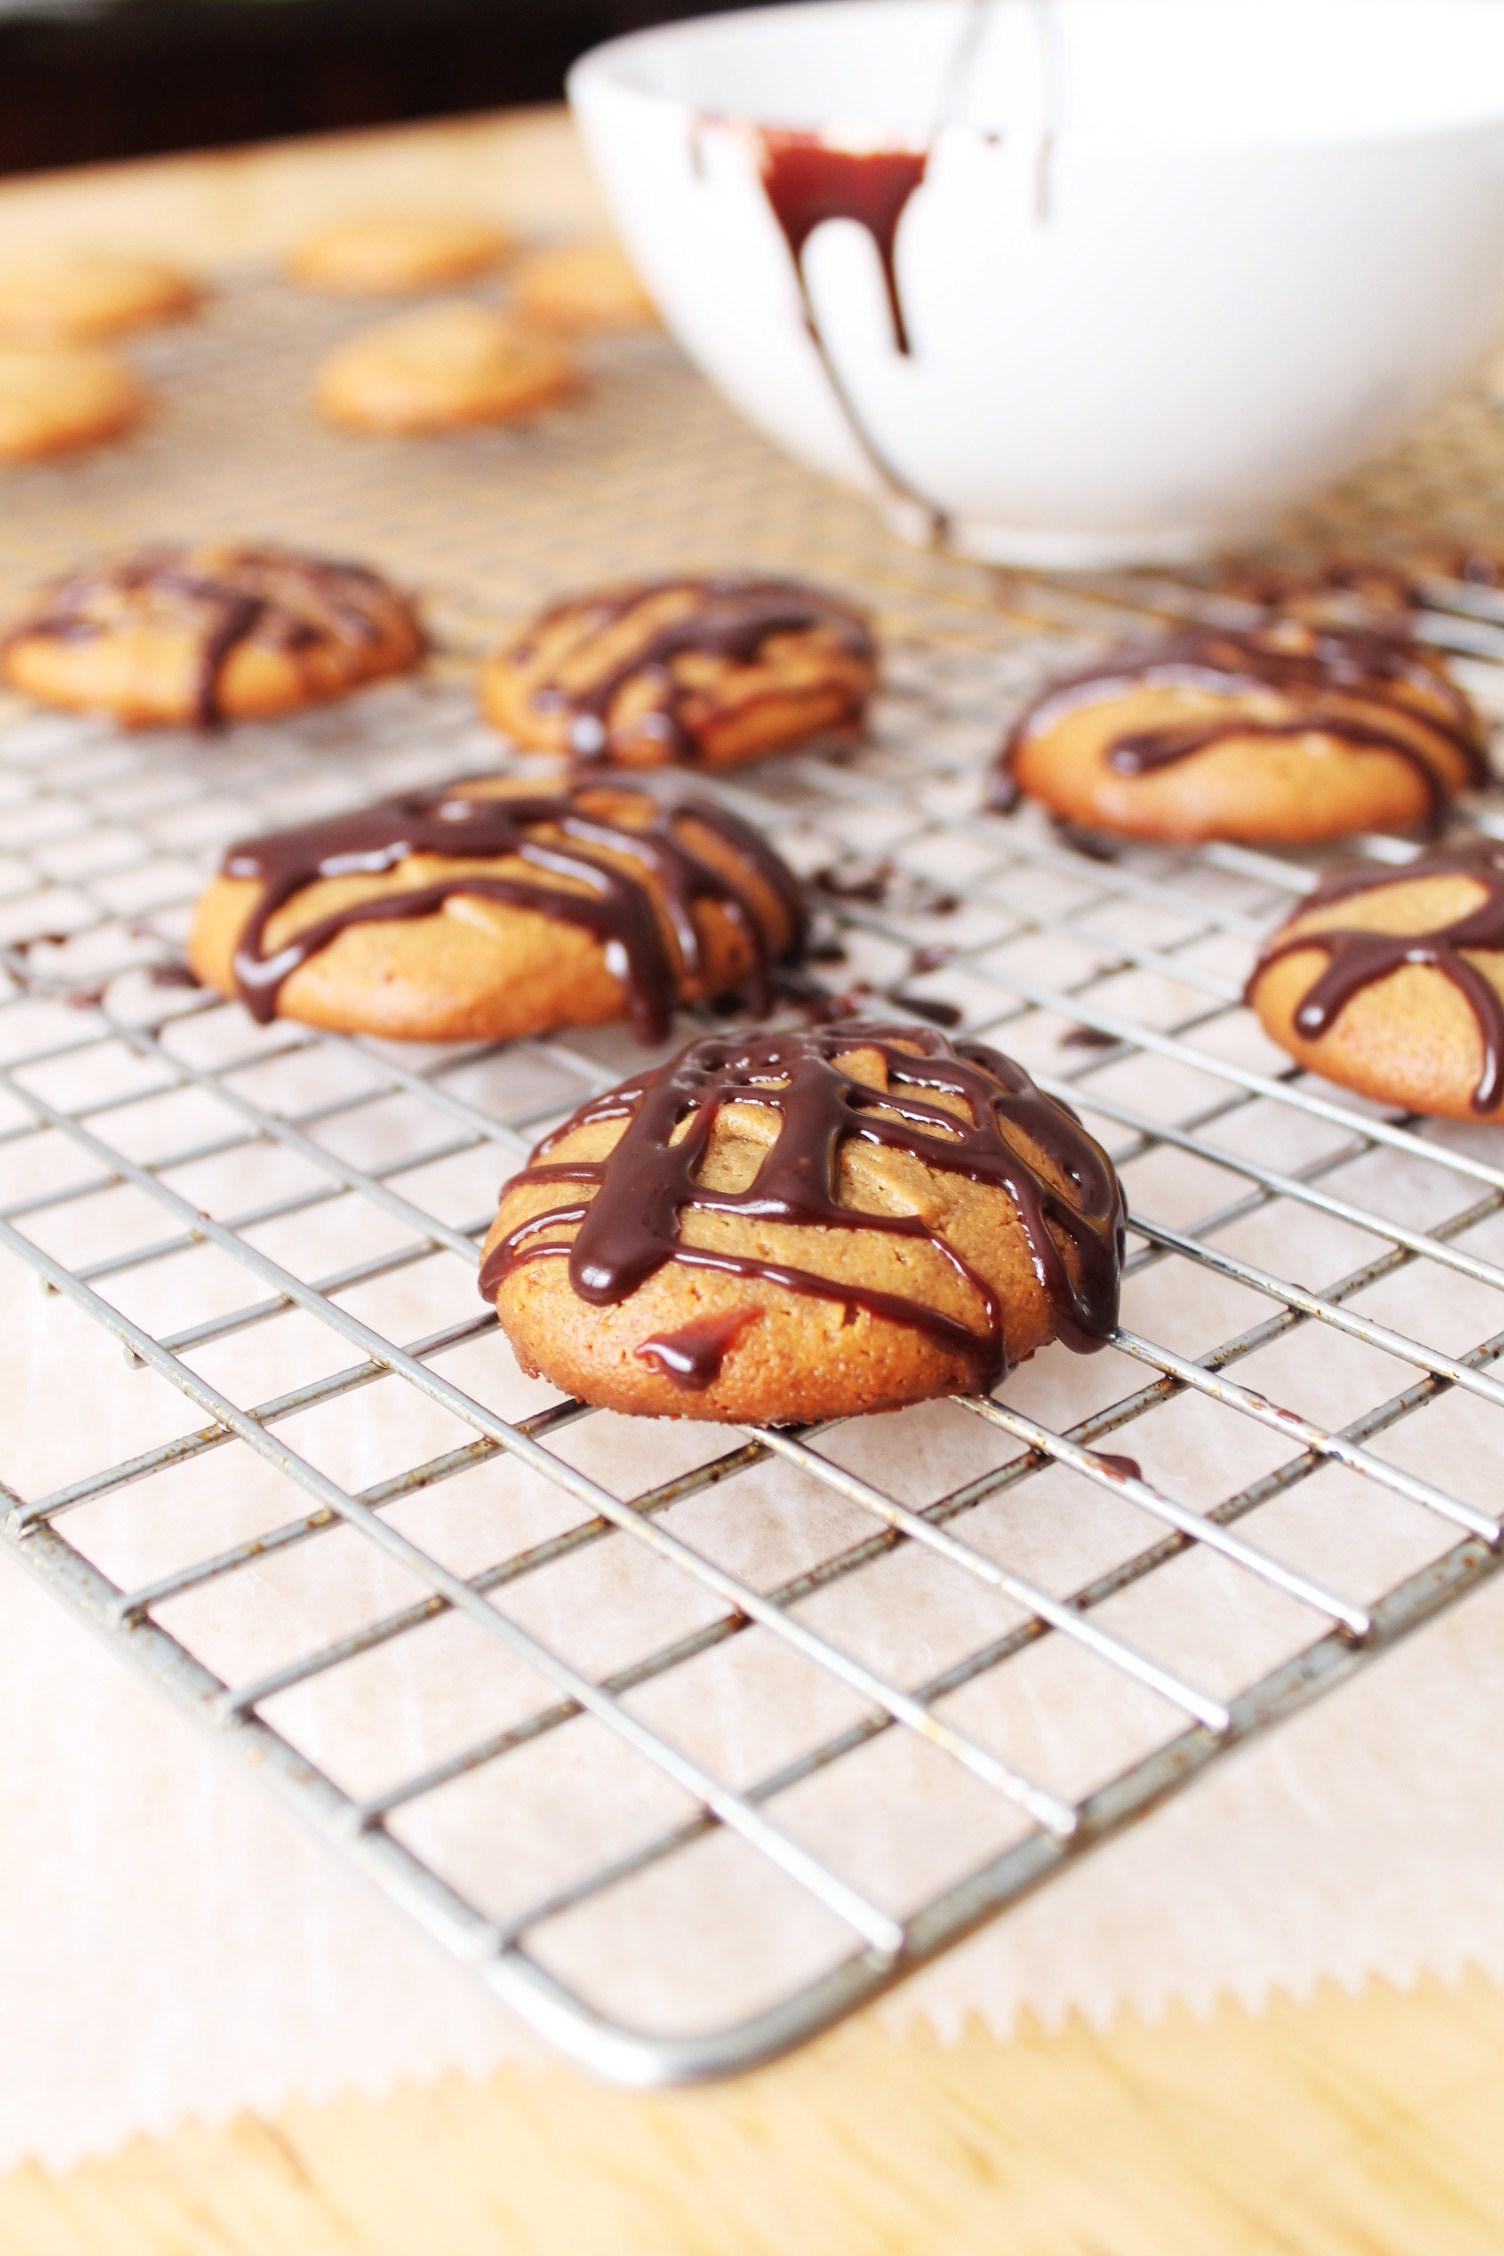 3 Ingredient Peanut Butter Cookie Gluten Free Fix